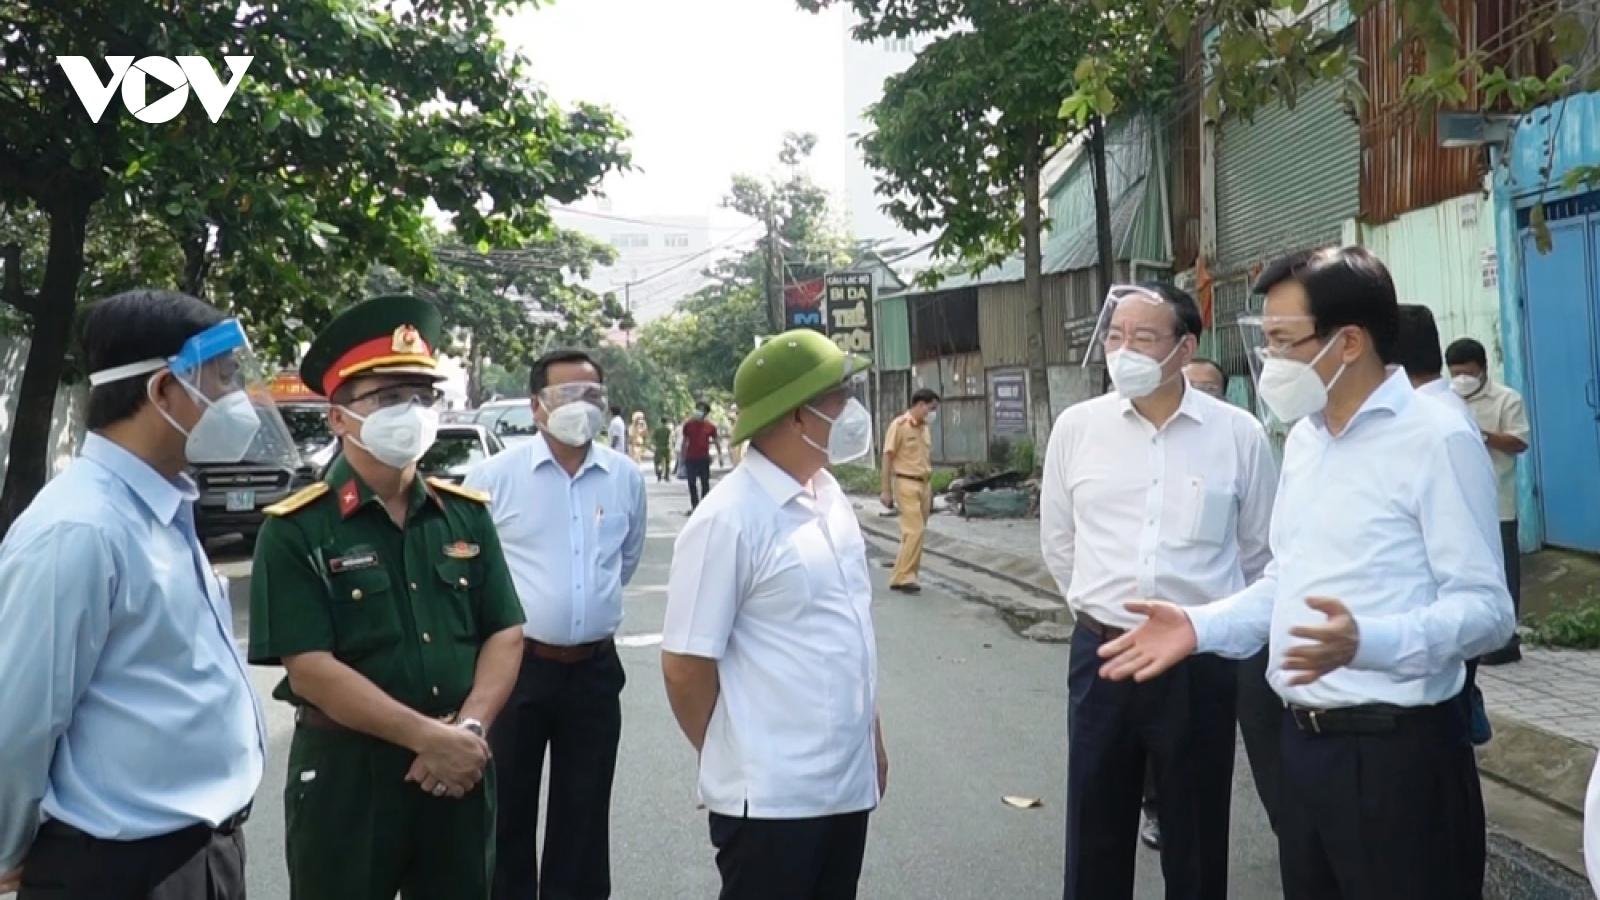 Bộ trưởng, Chủ nhiệm Văn phòng Chính phủ thăm hỏi động viên người dân Bình Dương